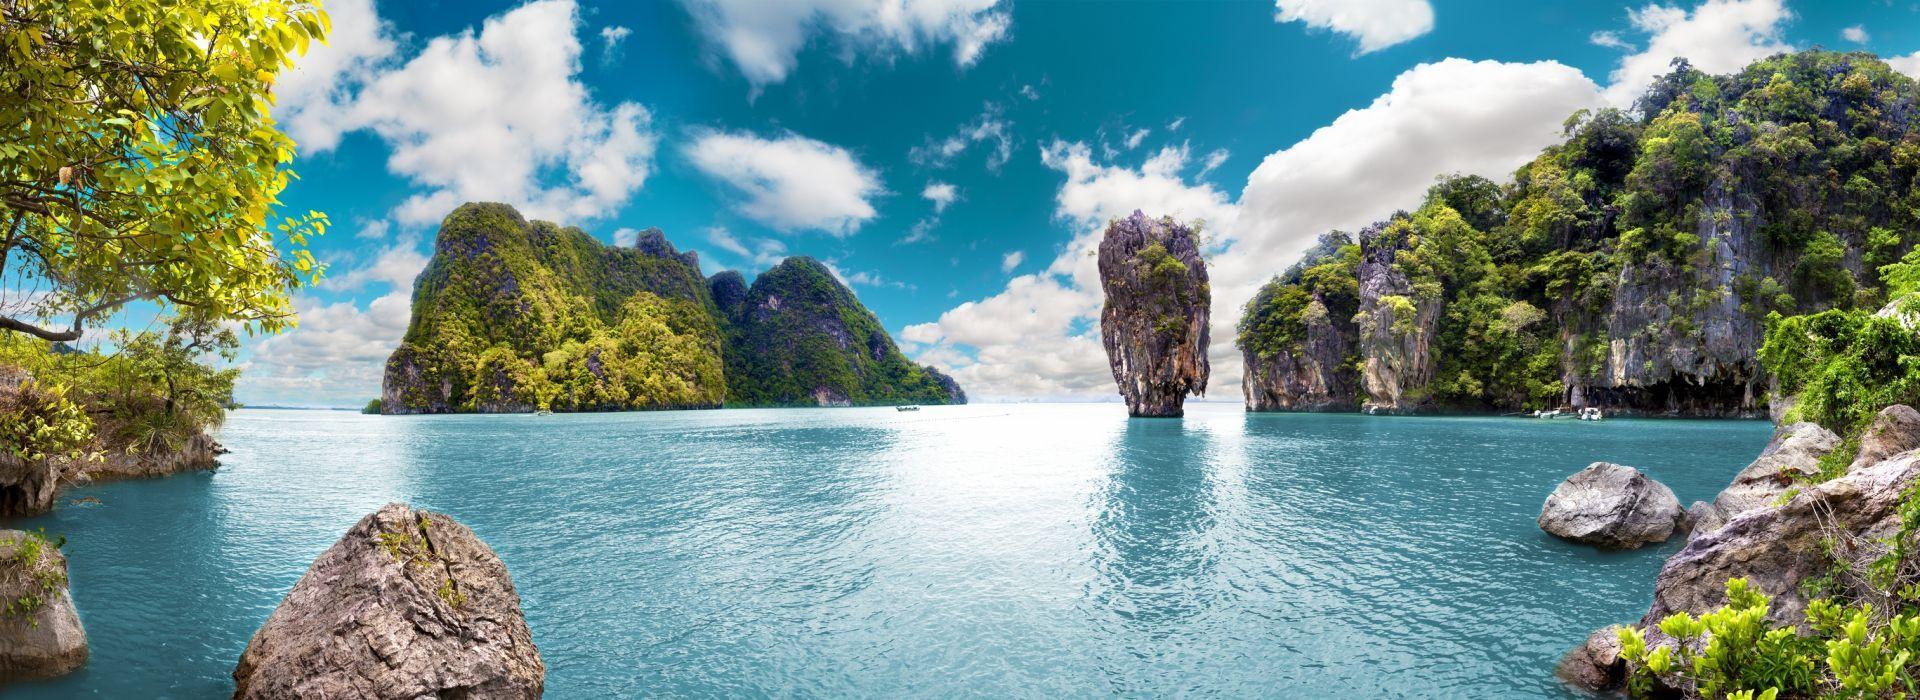 Caves Tours in Bangkok